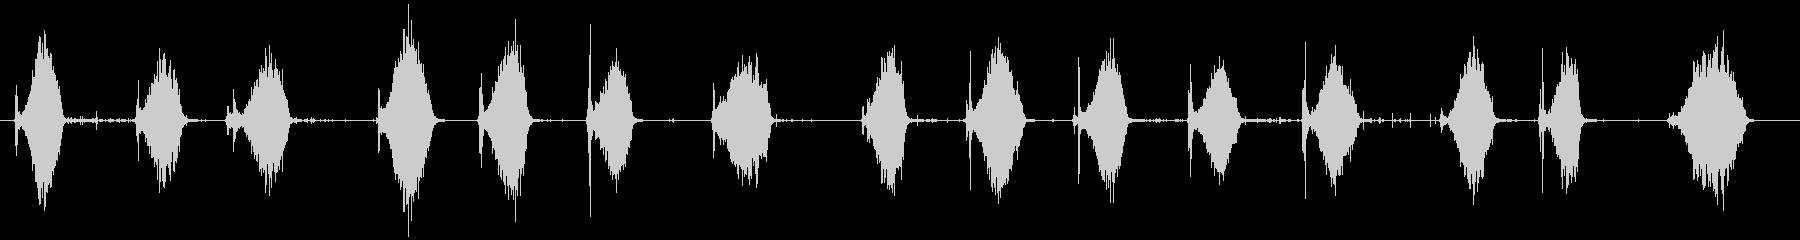 押しほうき:Ext:スイープ、ノー...の未再生の波形